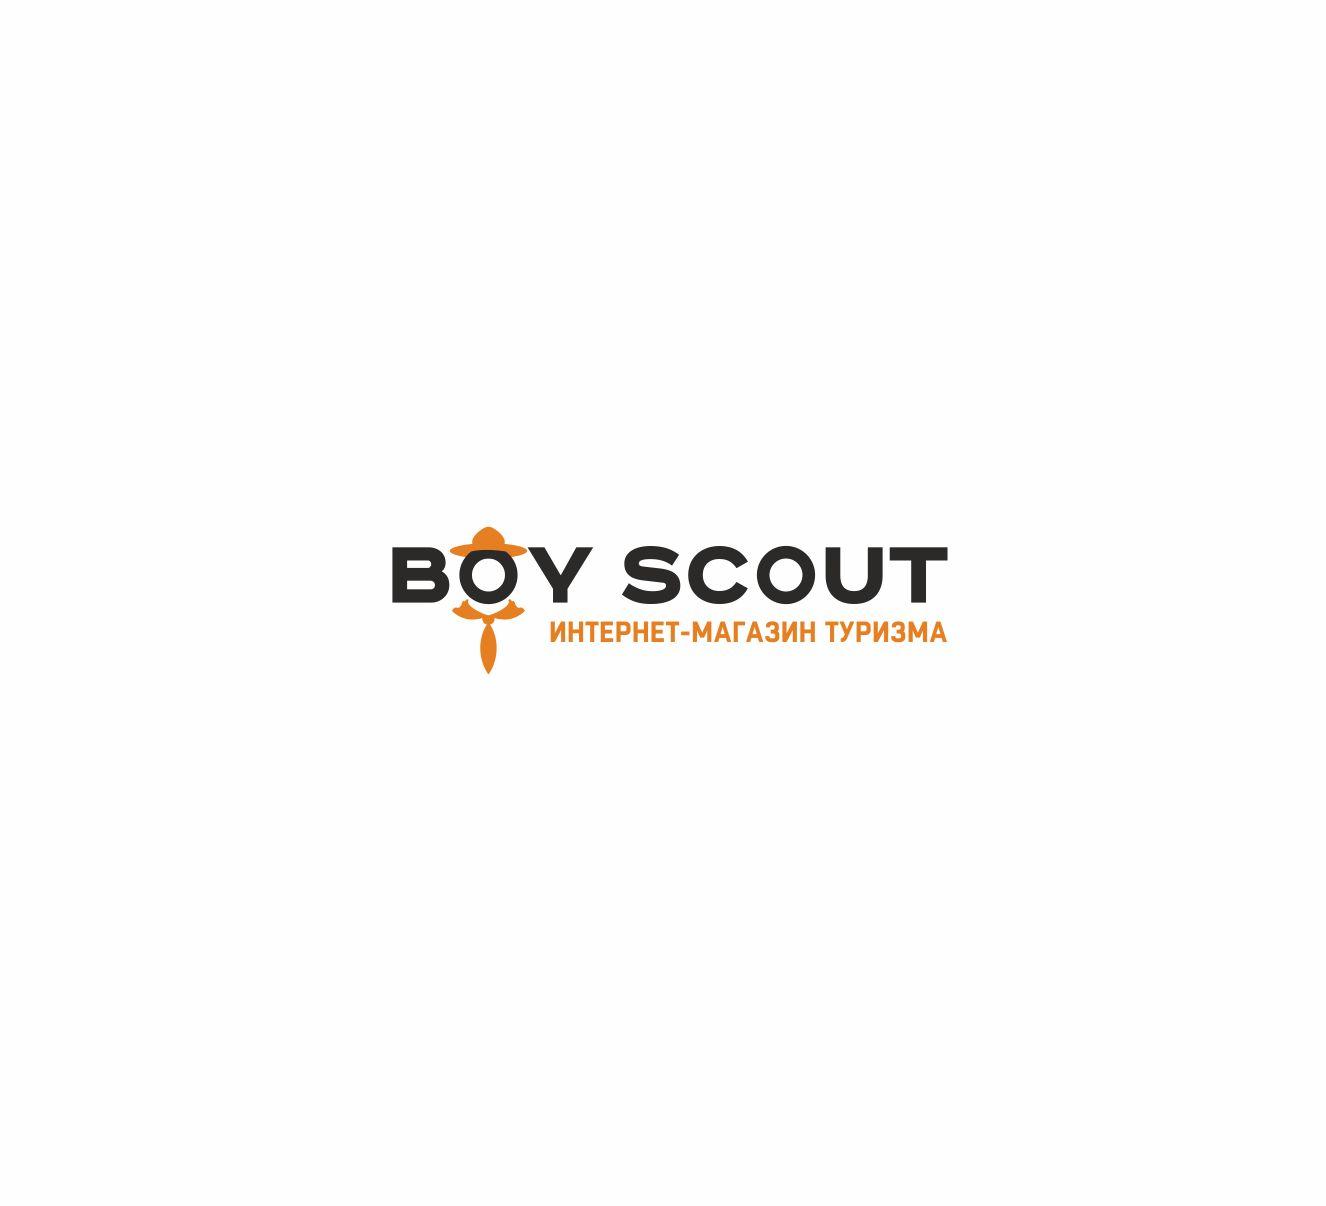 Логотип для сайта интернет-магазина BOY SCOUT - дизайнер Richardik